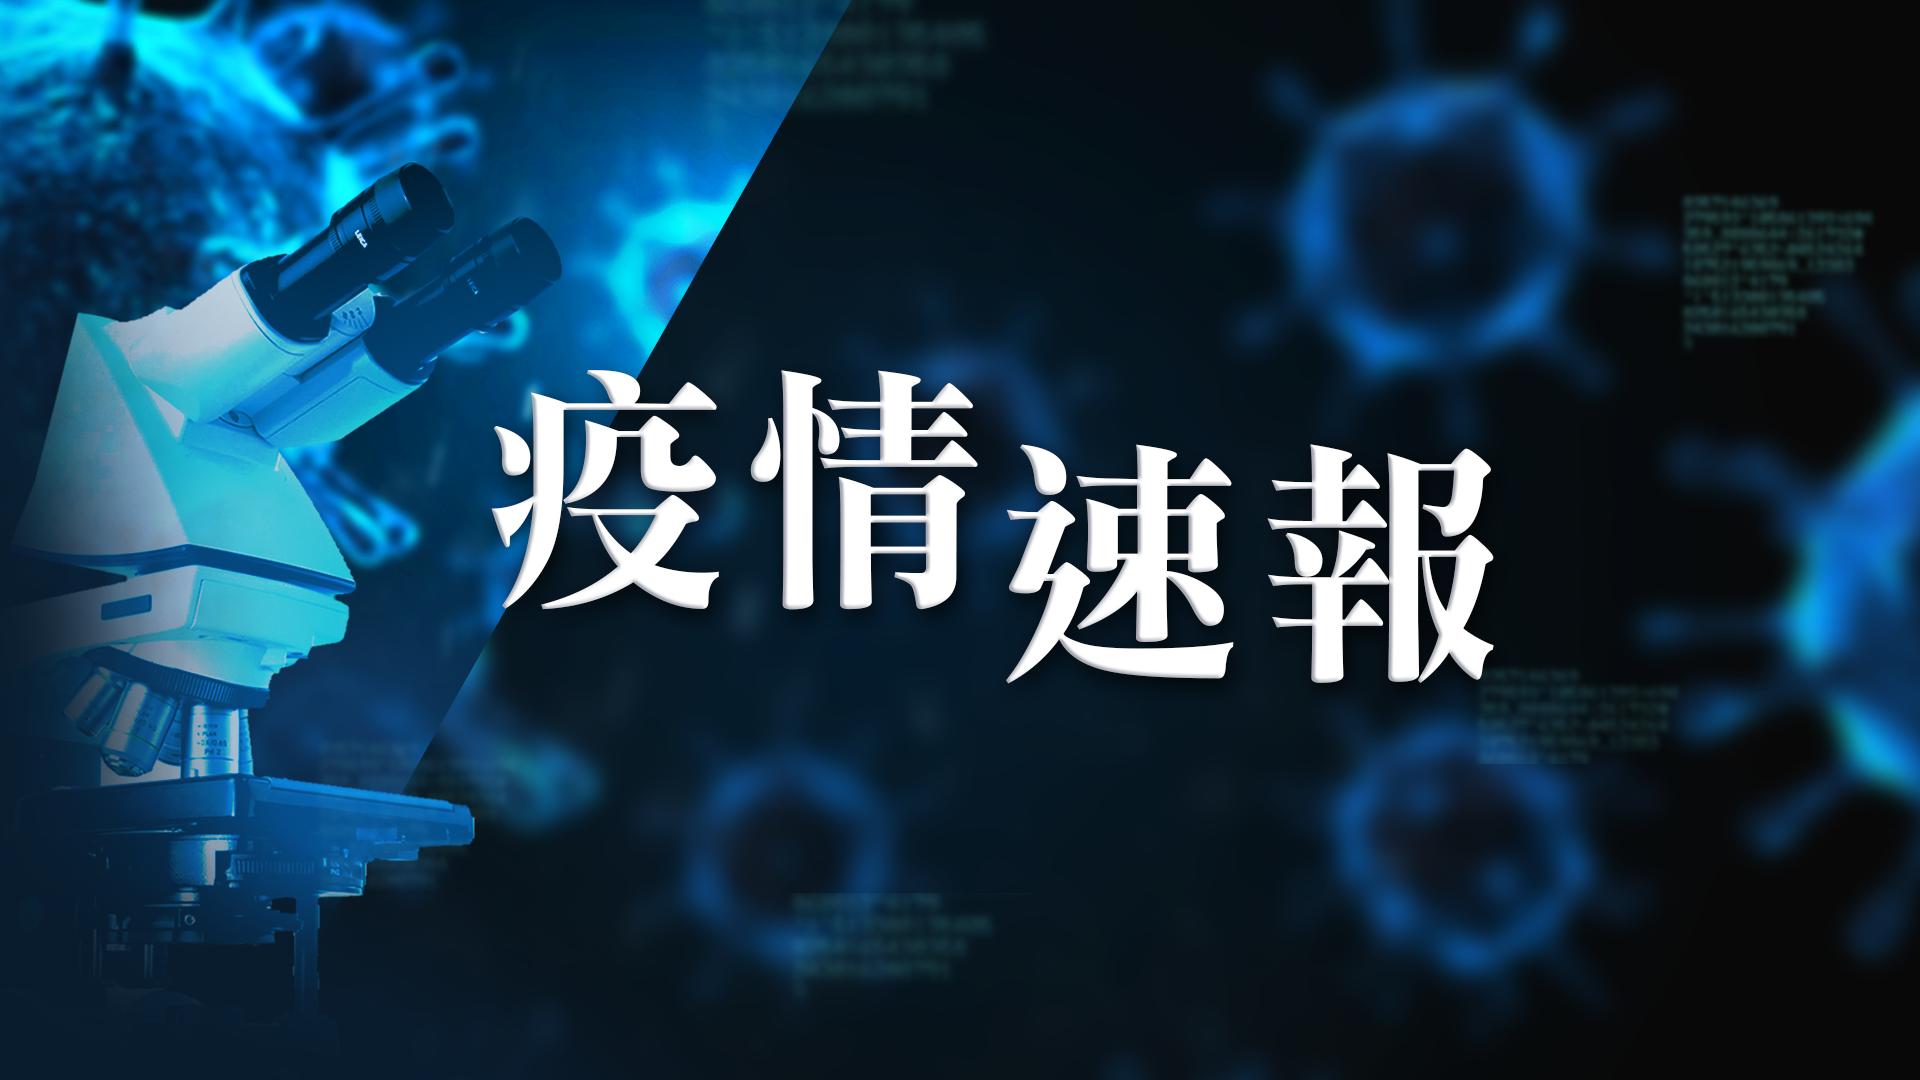 【8月5日疫情速報】(17:20)